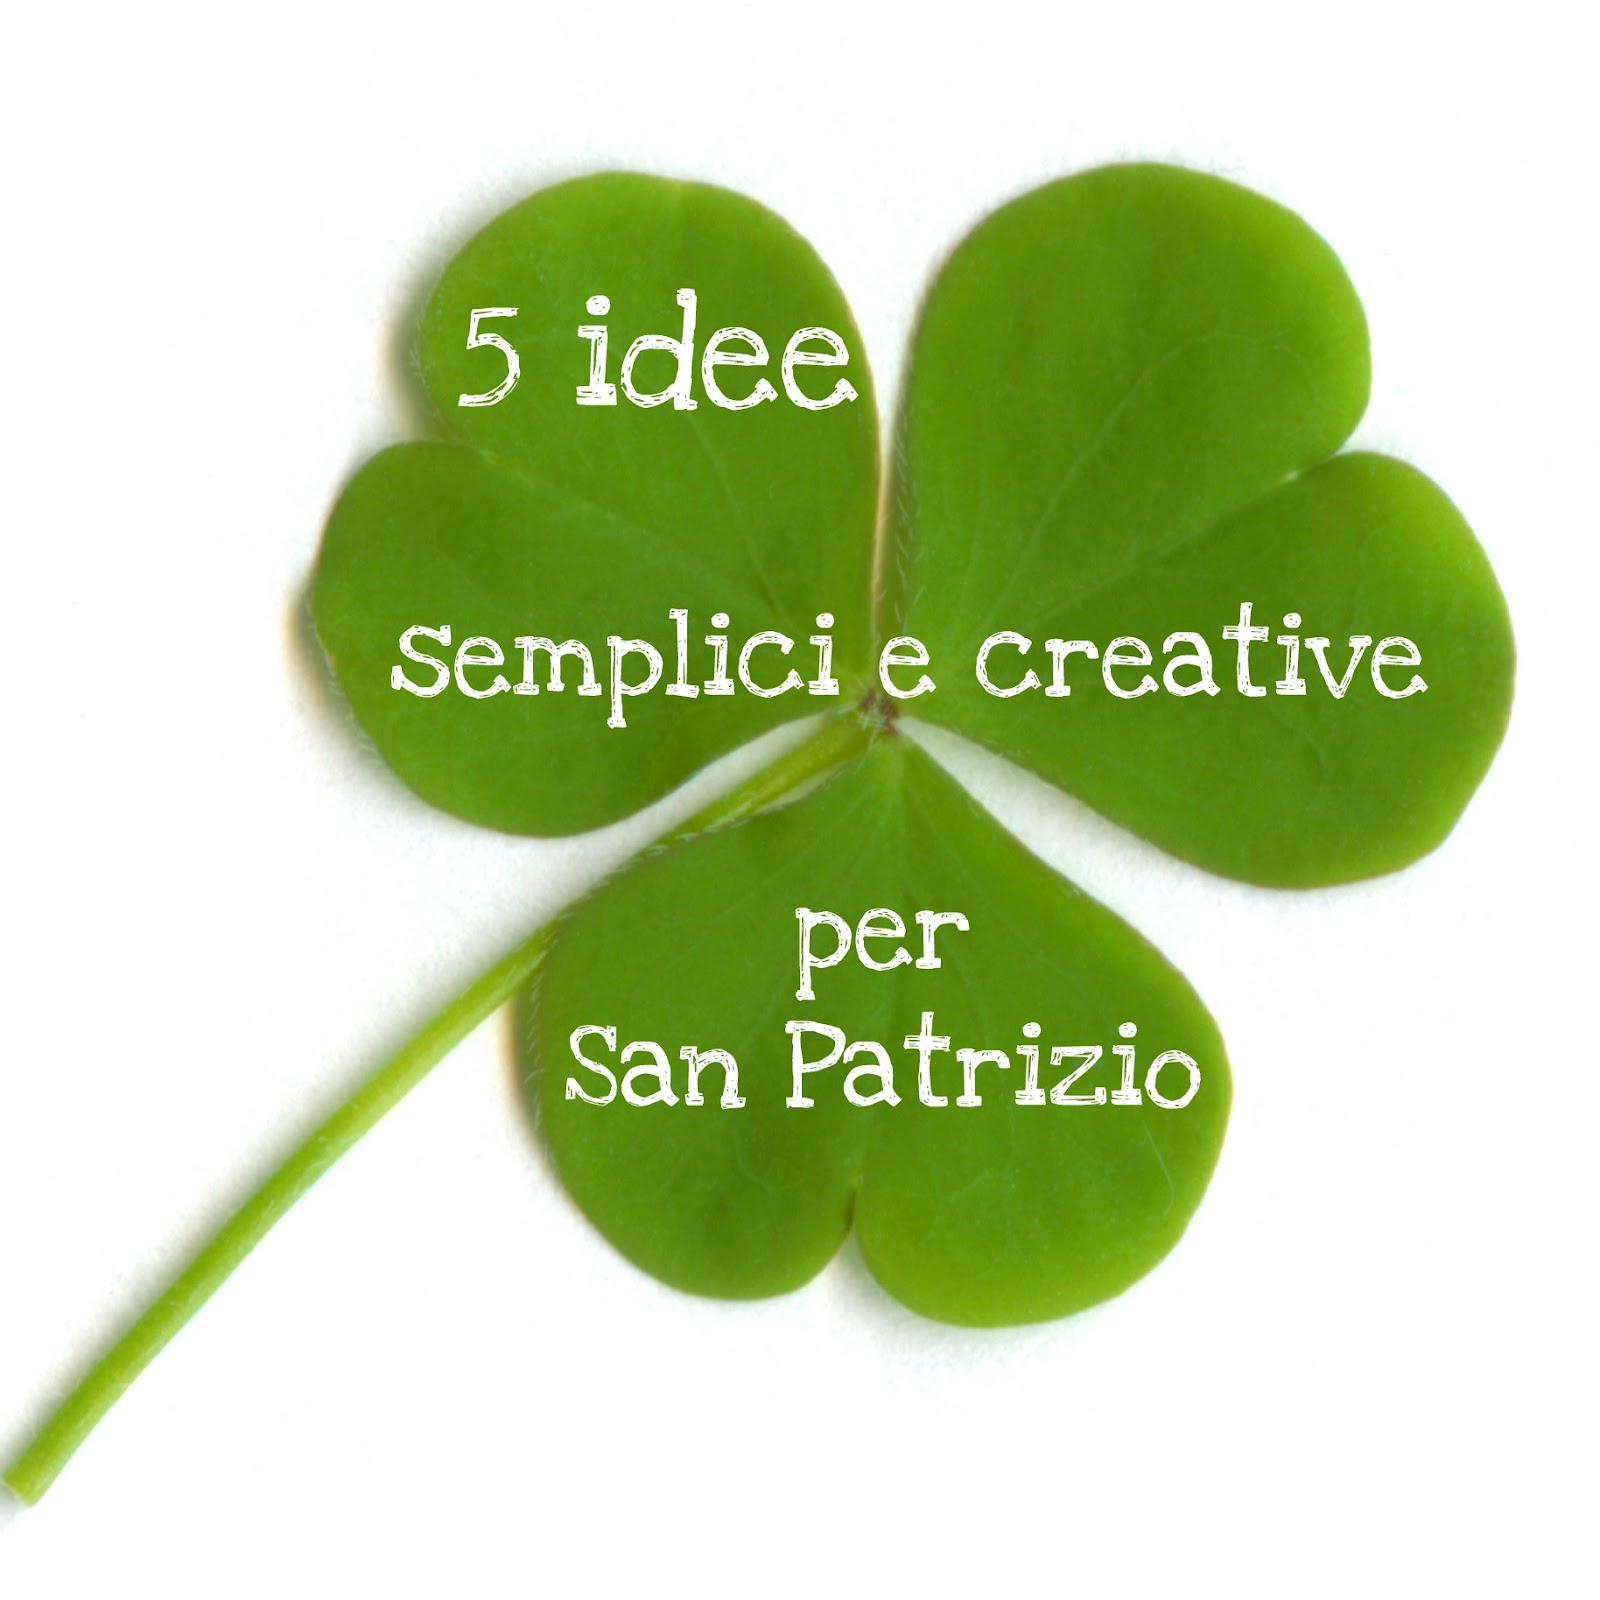 5 idee semplici e creative per san patrizio babygreen - St patricks giorno fogli di colore giorno ...